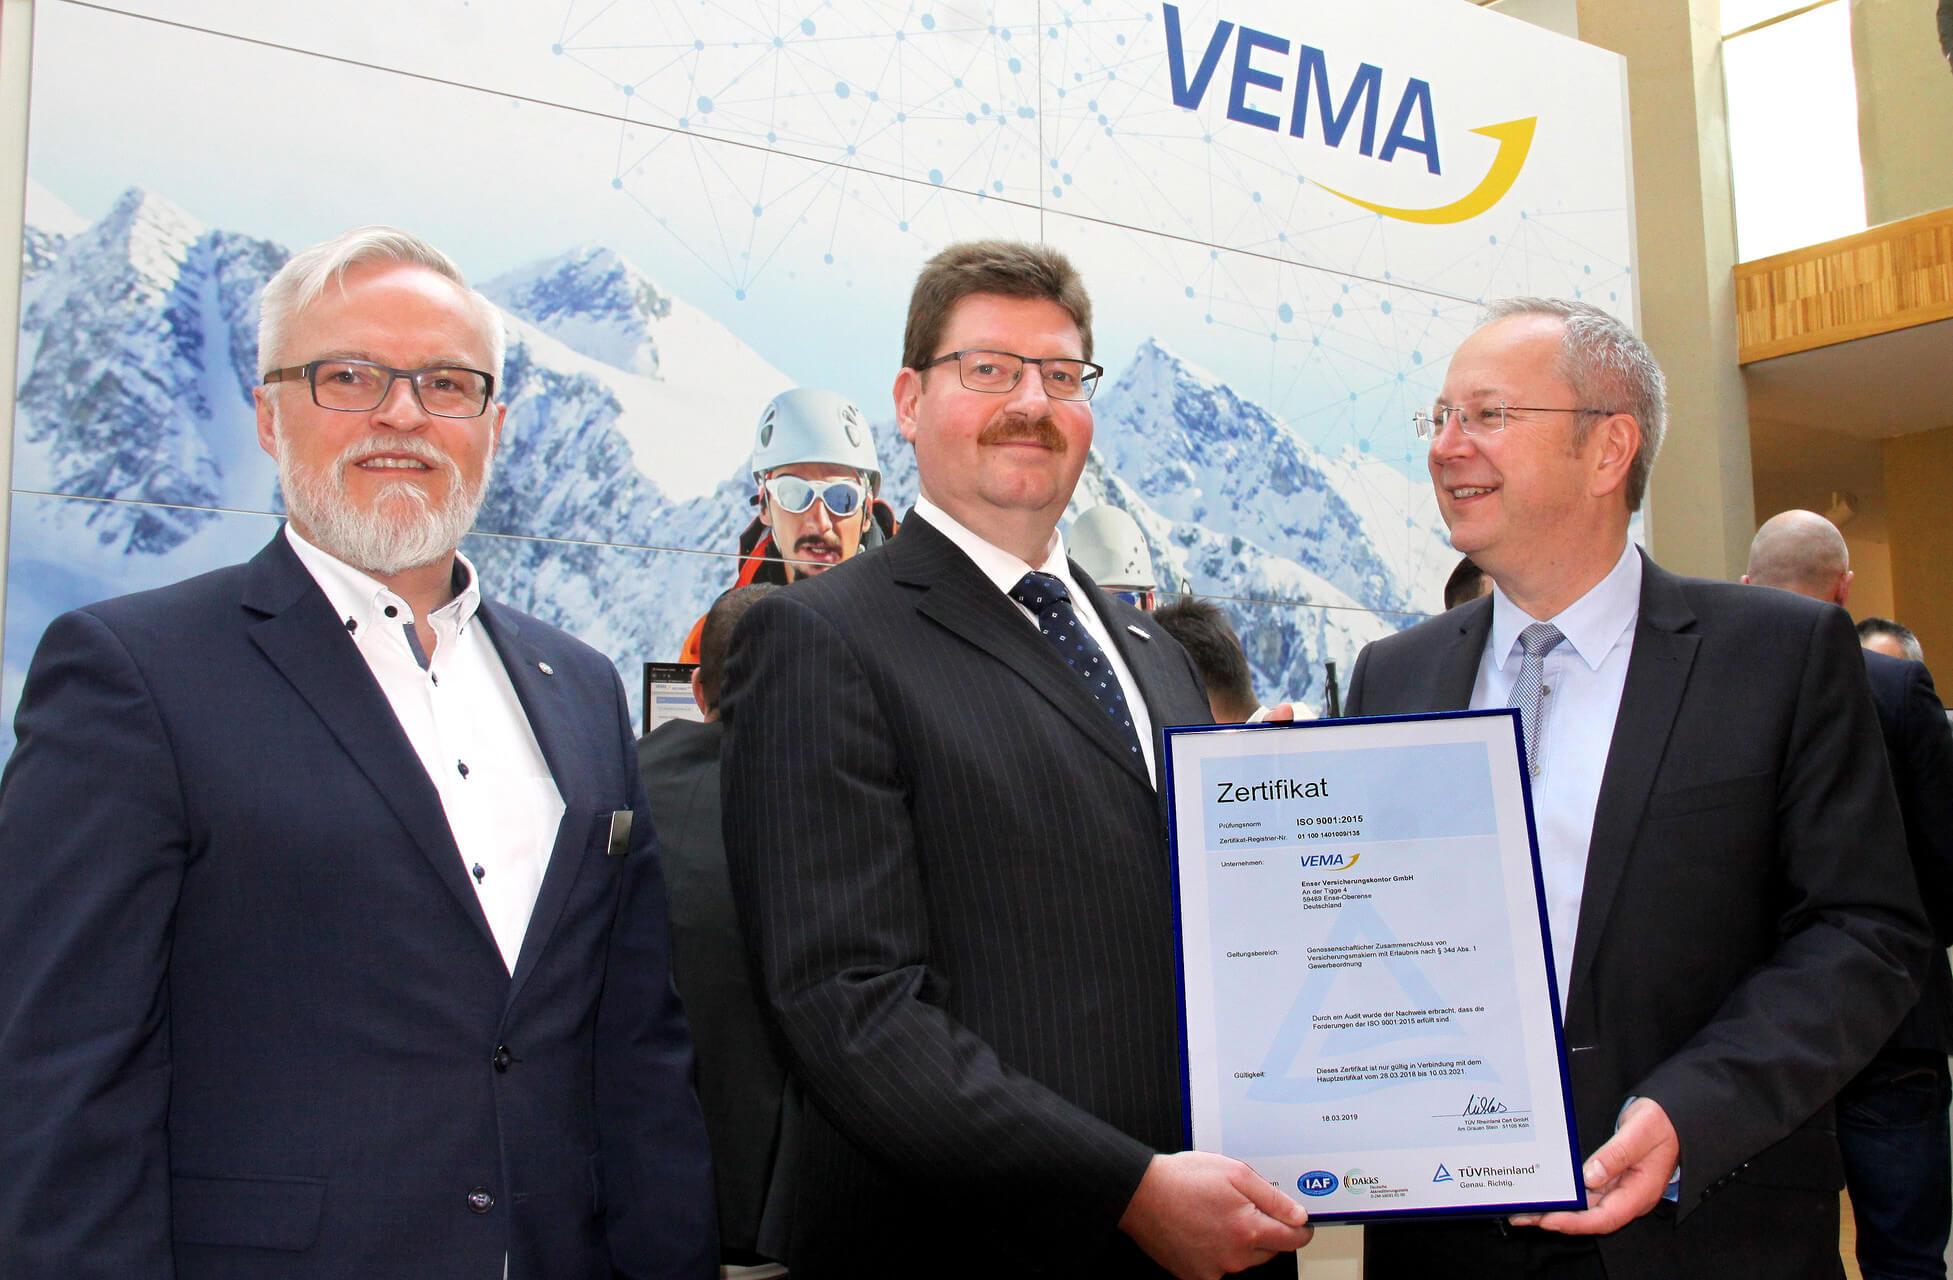 Innendienstleiter Jens Prange bei der Verleihung Urkunde Din-Zertifizierung